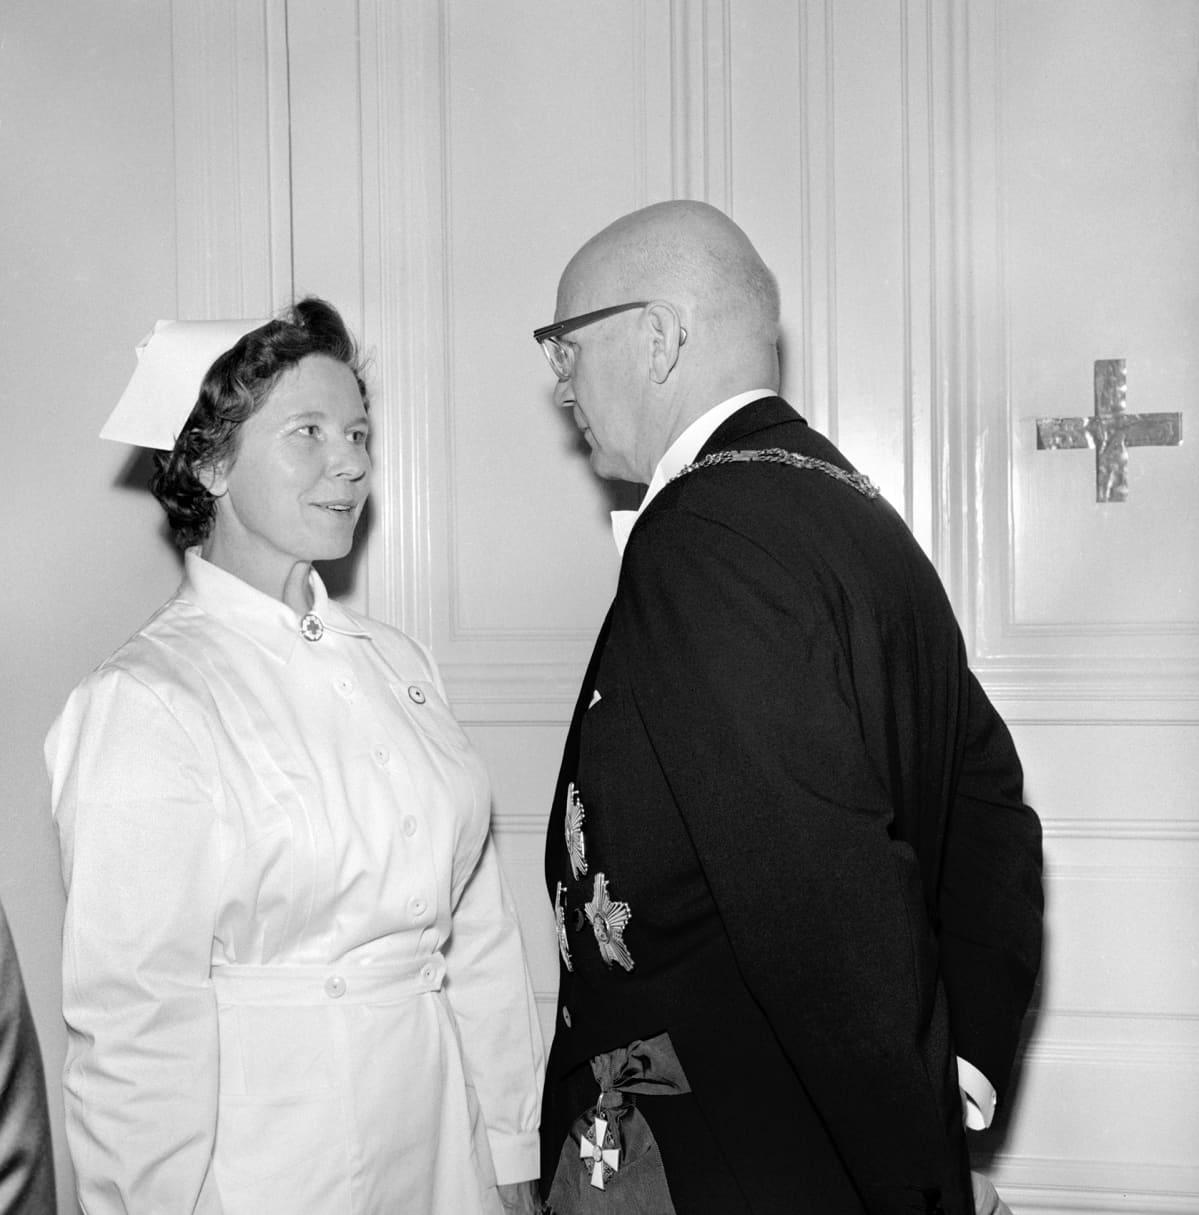 Linnan kutsujen sairaanhoitaja antaa raporttia kutsujen isännälle tasavallan presidentti Urho Kekkoselle 1961.